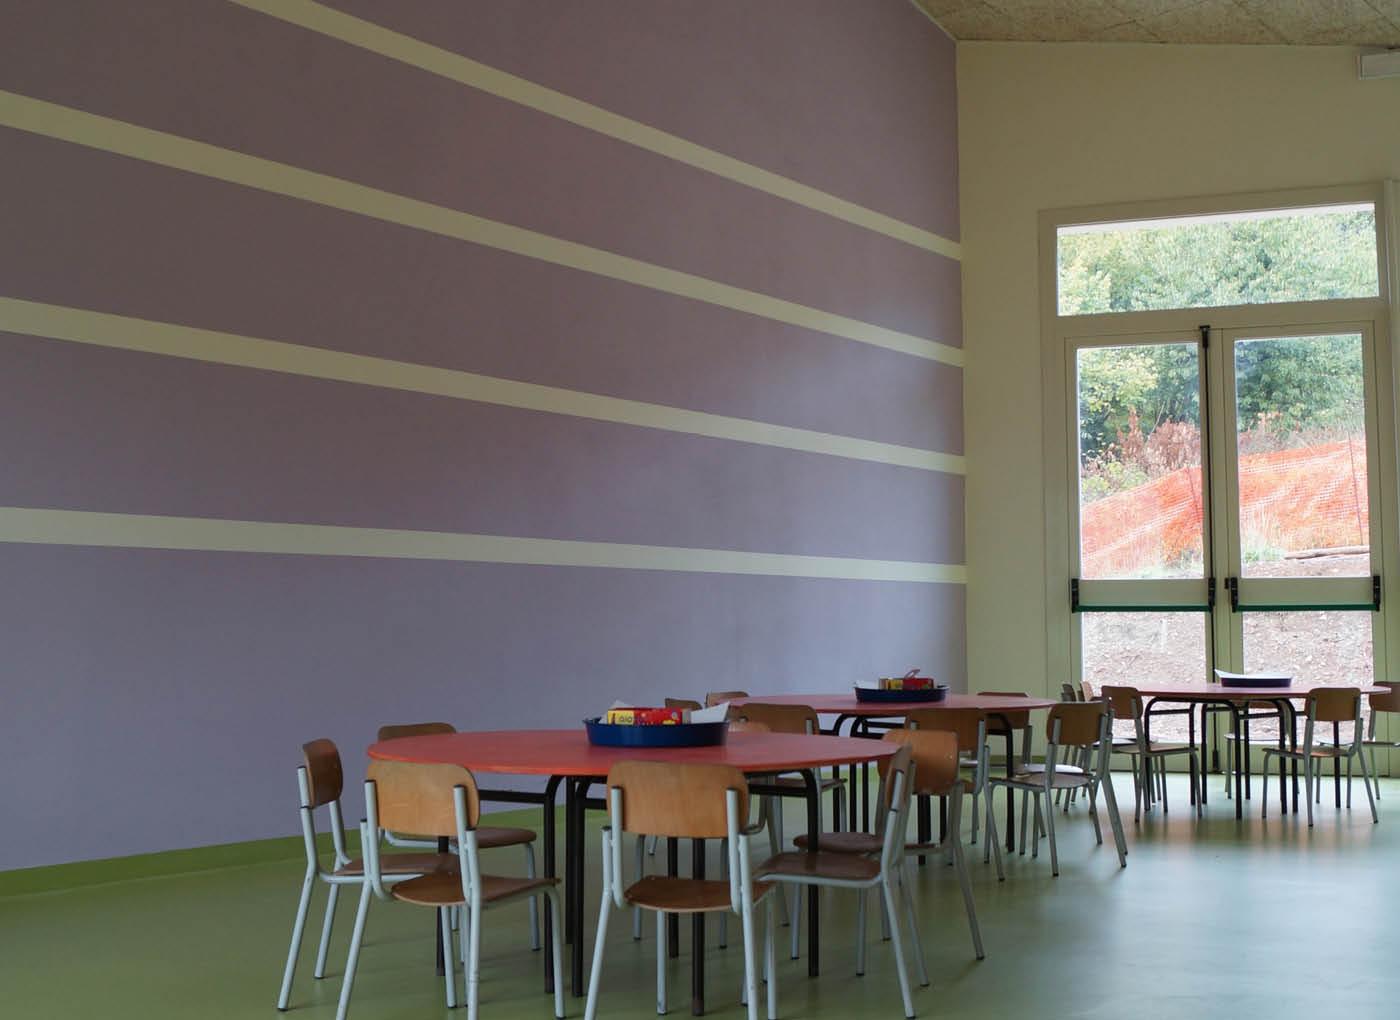 scuola-ungaretti-coreglia-ristrutturazione-solai-interpiano-10